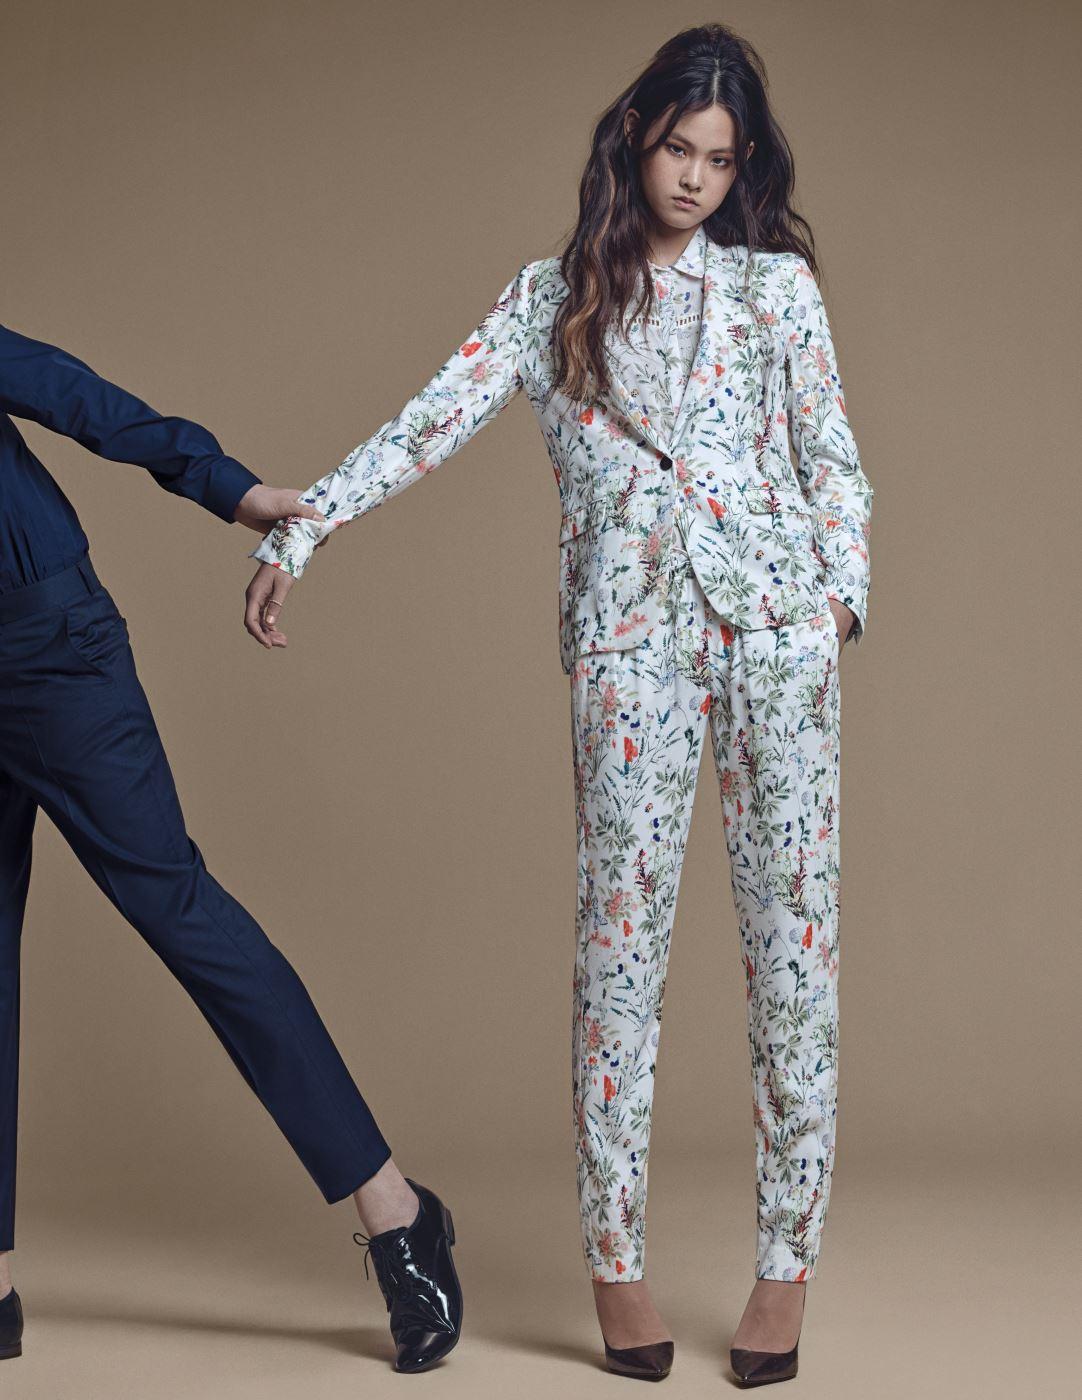 앨리스가 입은 꽃무늬 셔츠, 슈트, 김원중이 입은 네이비 셔츠와 팬츠는 모두 The Kooples 제품.